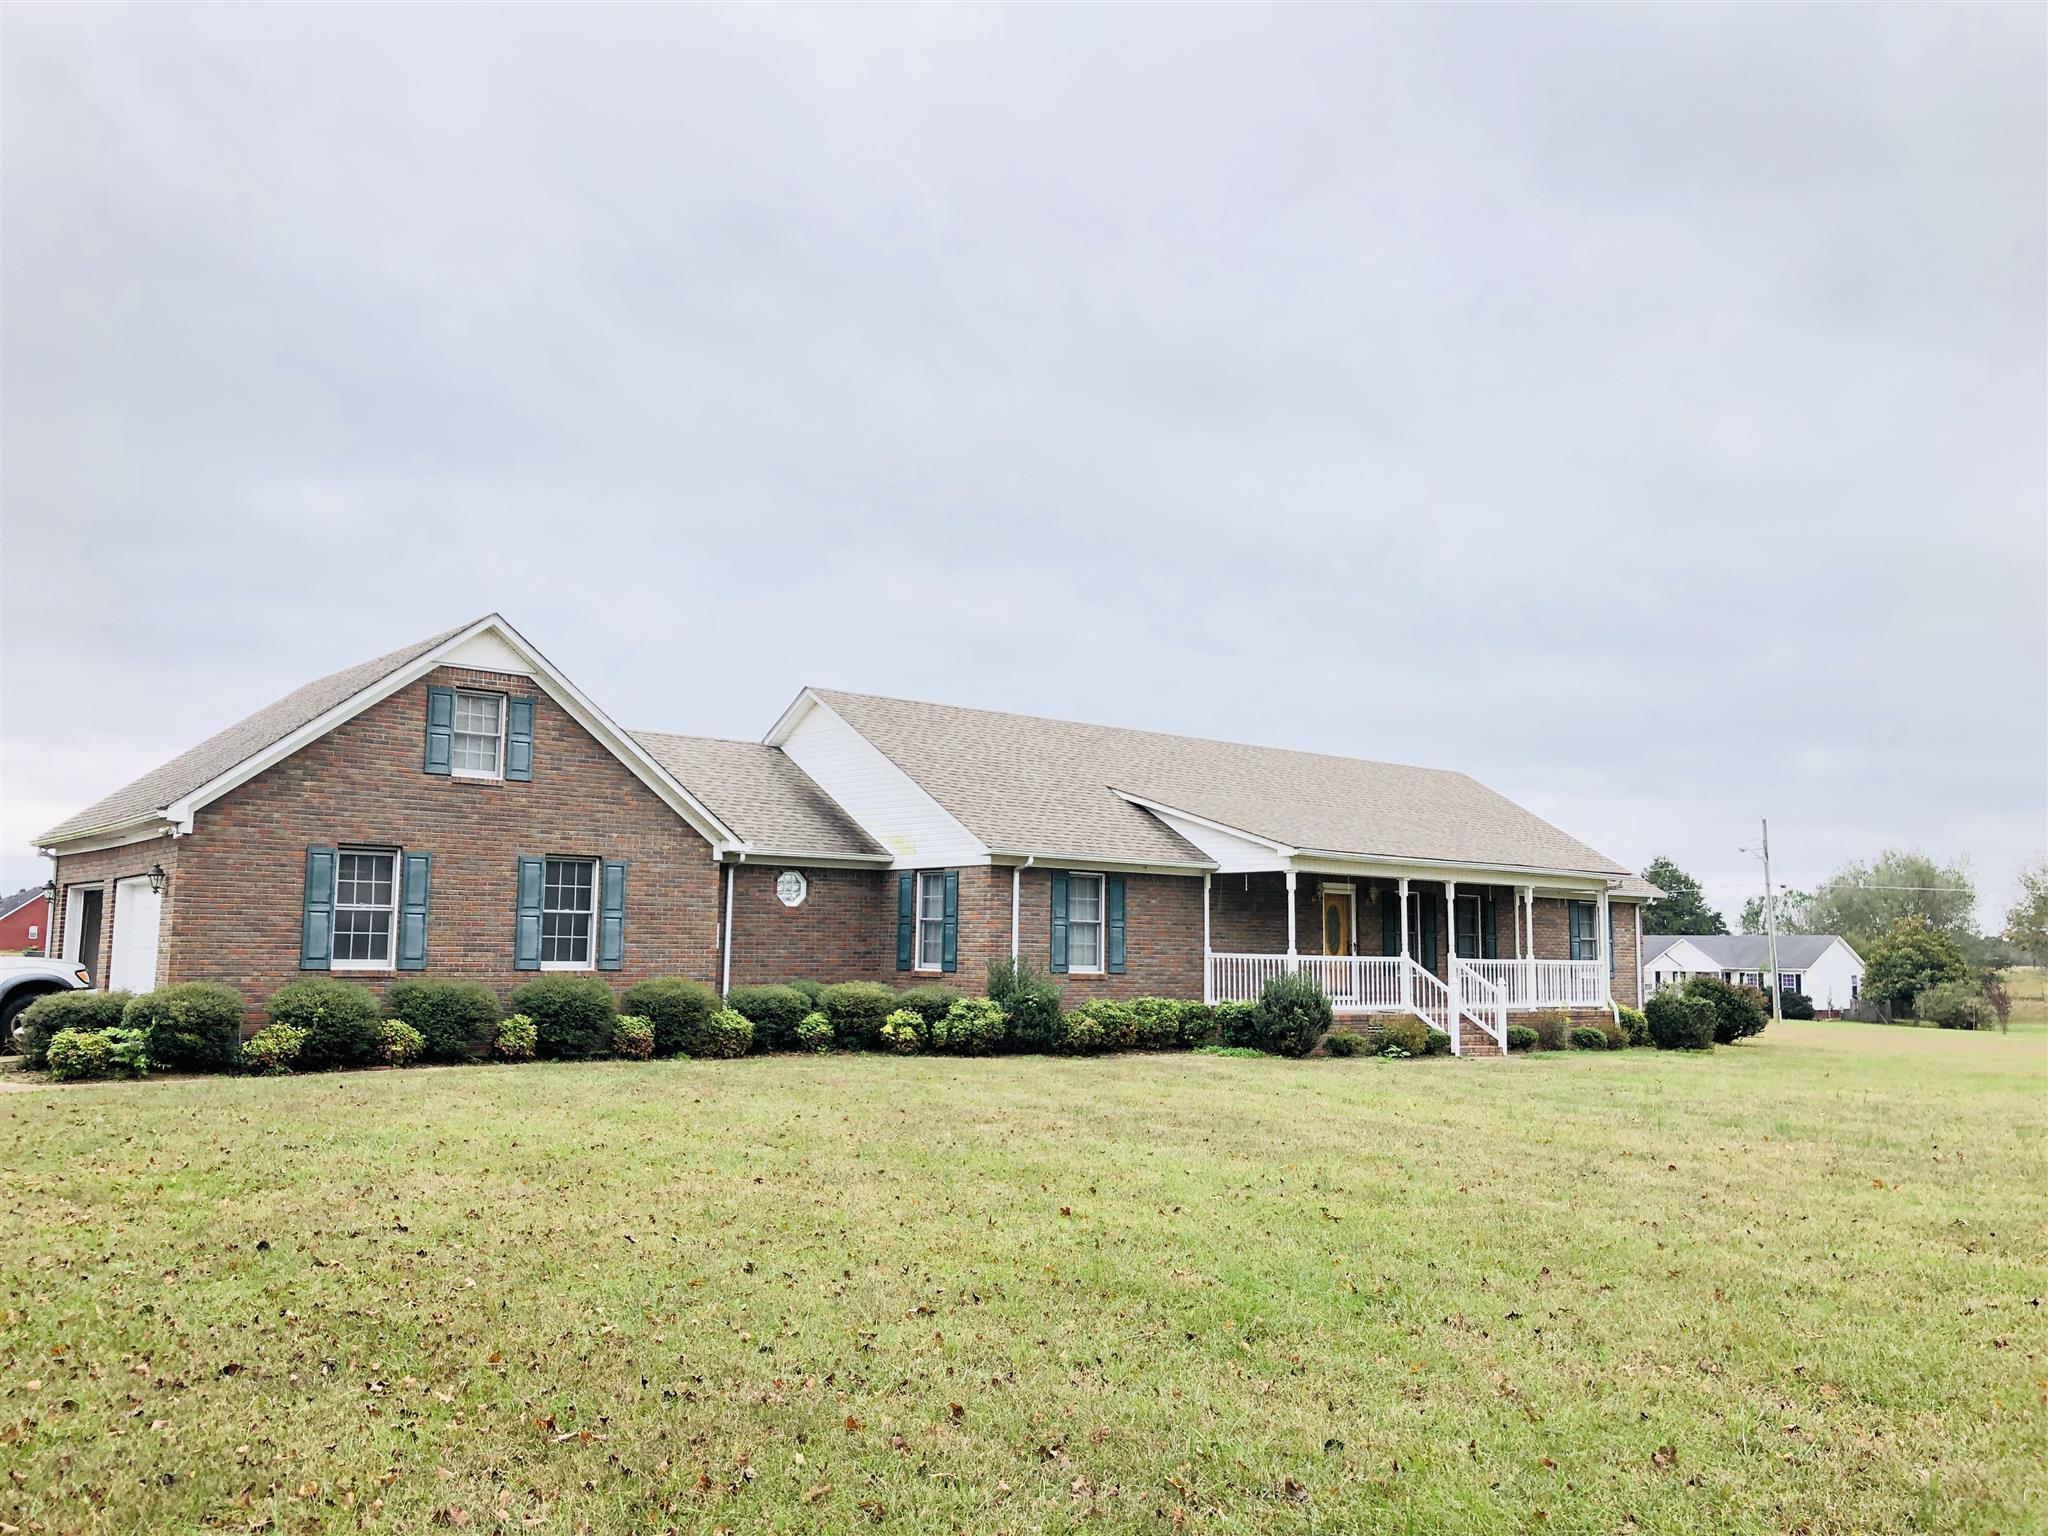 114 Beartown Rd, Loretto, TN 38469 - Loretto, TN real estate listing